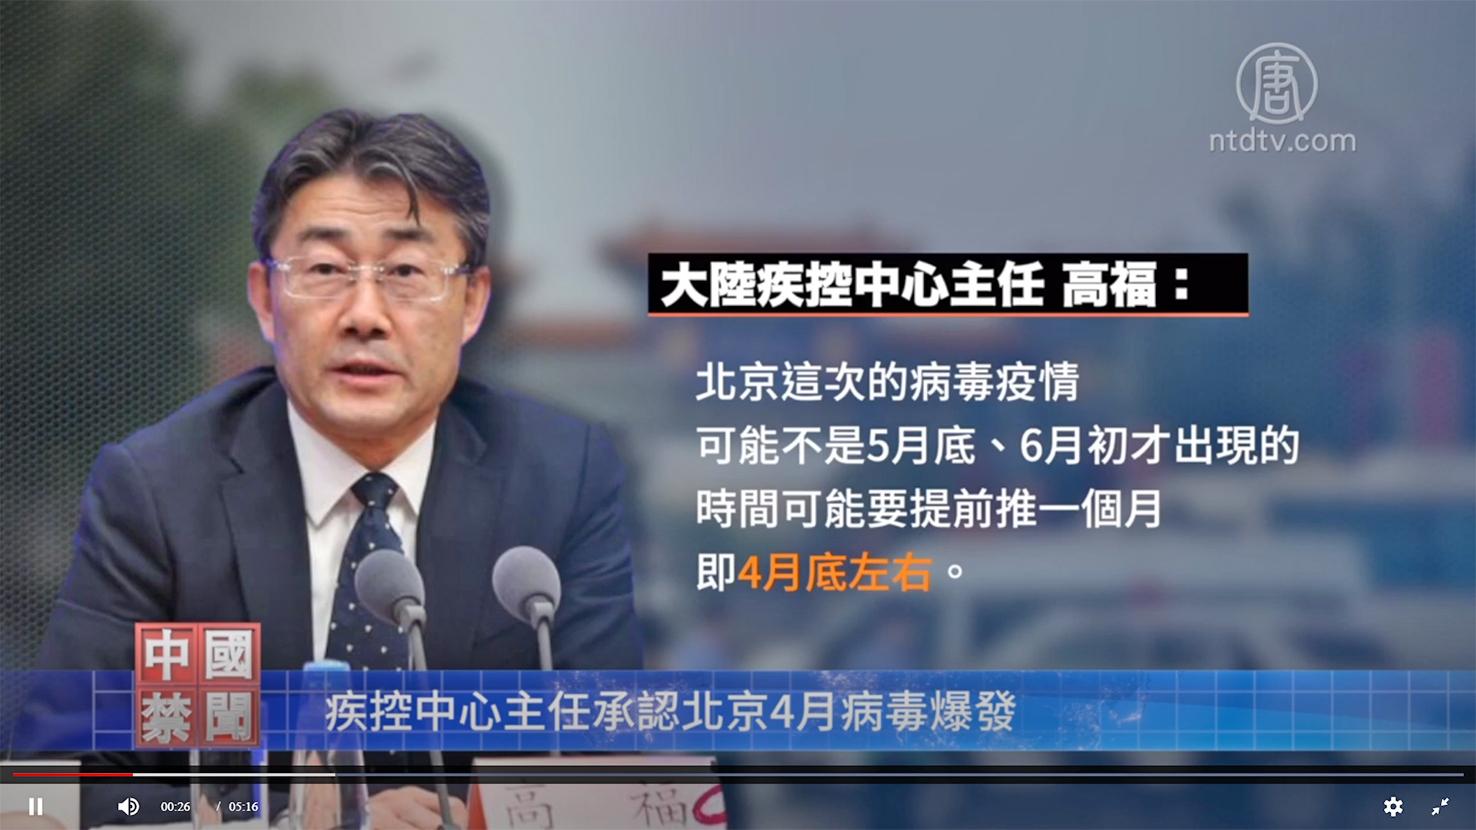 2020年6月17日,大陸疾控中心主任高福承認北京這次的中共病毒疫情4月即爆發。(影片截圖)